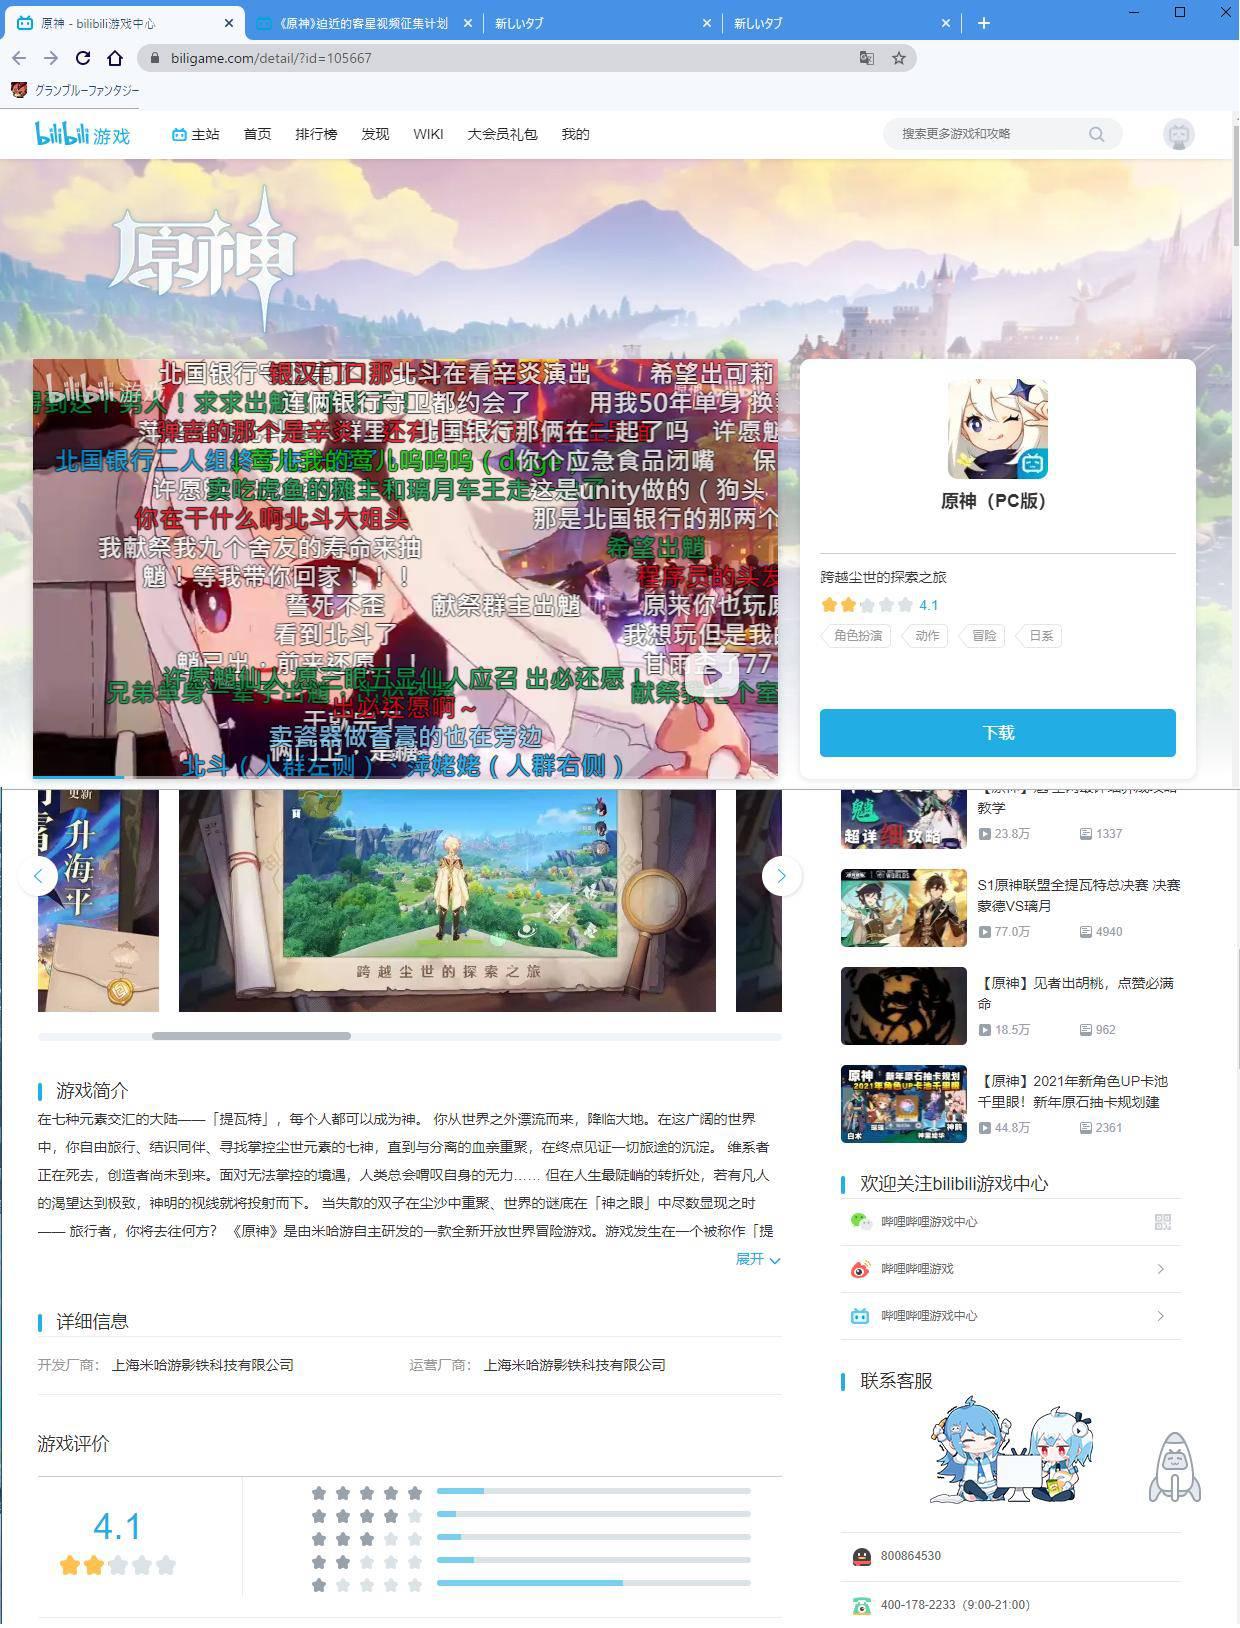 【原神】こマ!?中国での原神評価がここまで下がってるのかよ!?